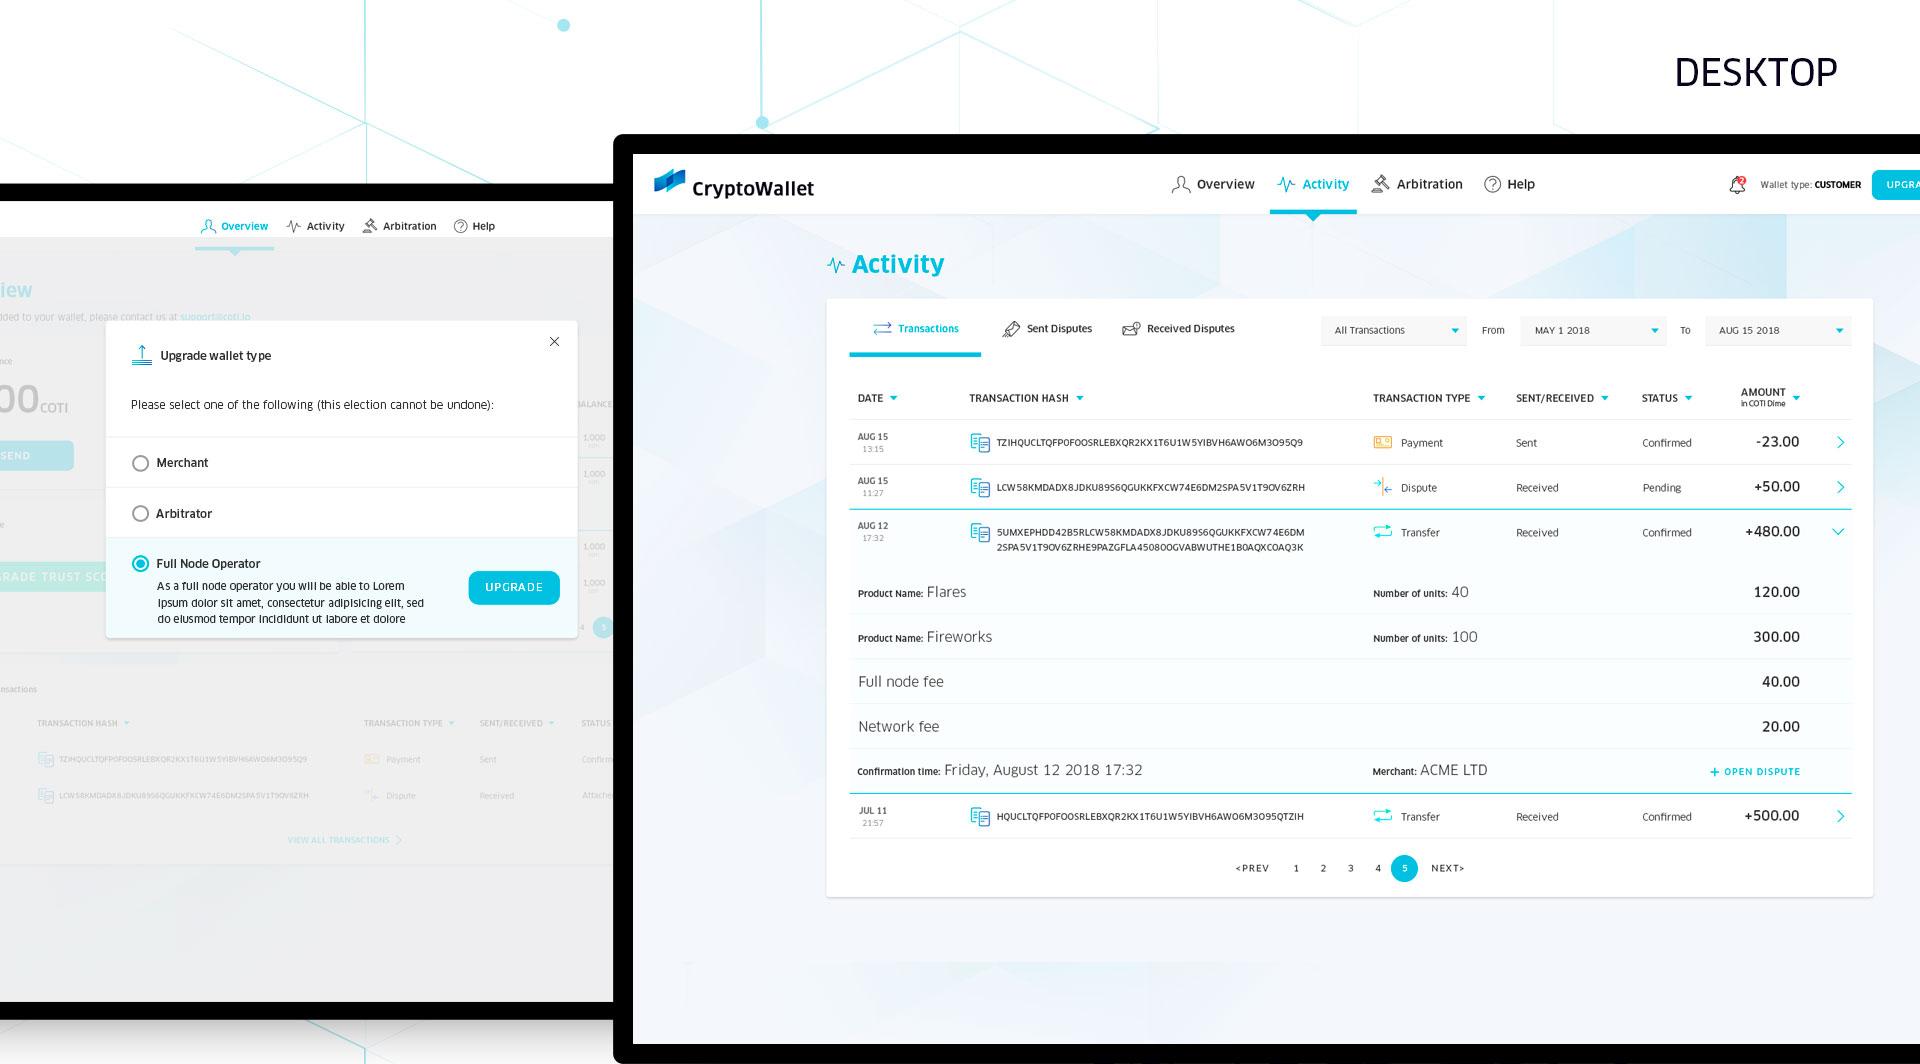 UI & UX for digital crypto currency wallet by COTI תכנון חוויית משתמש ועיצוב ממשק משתמש לארנק דיגיטלי קריפטו 2